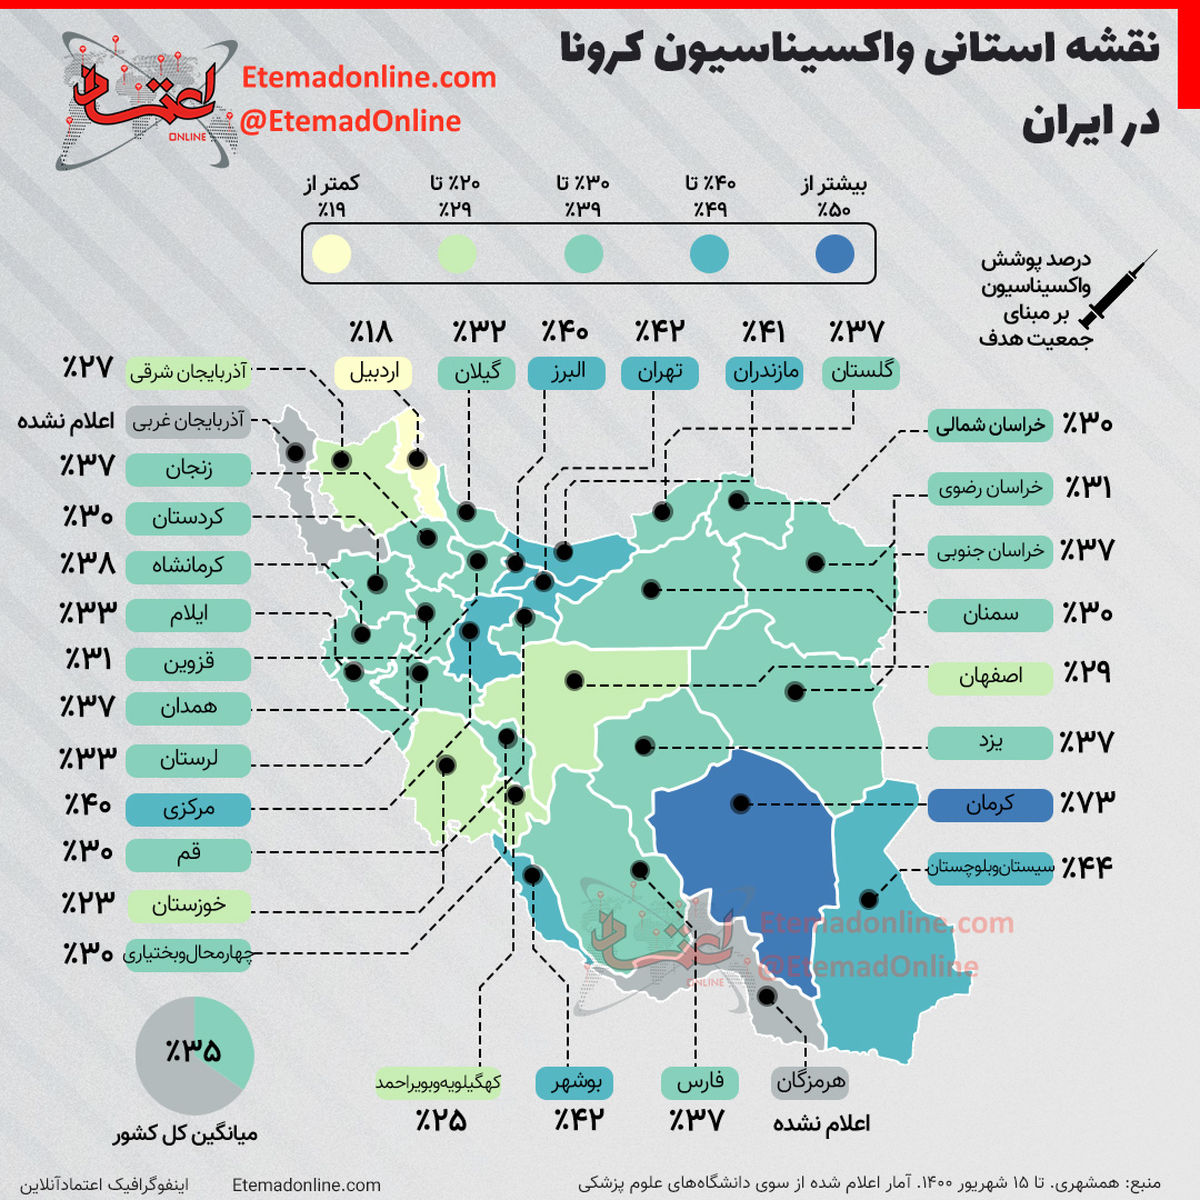 هر استان چه تعداد واکسن زده است + نقشه استانی واکسیناسیون